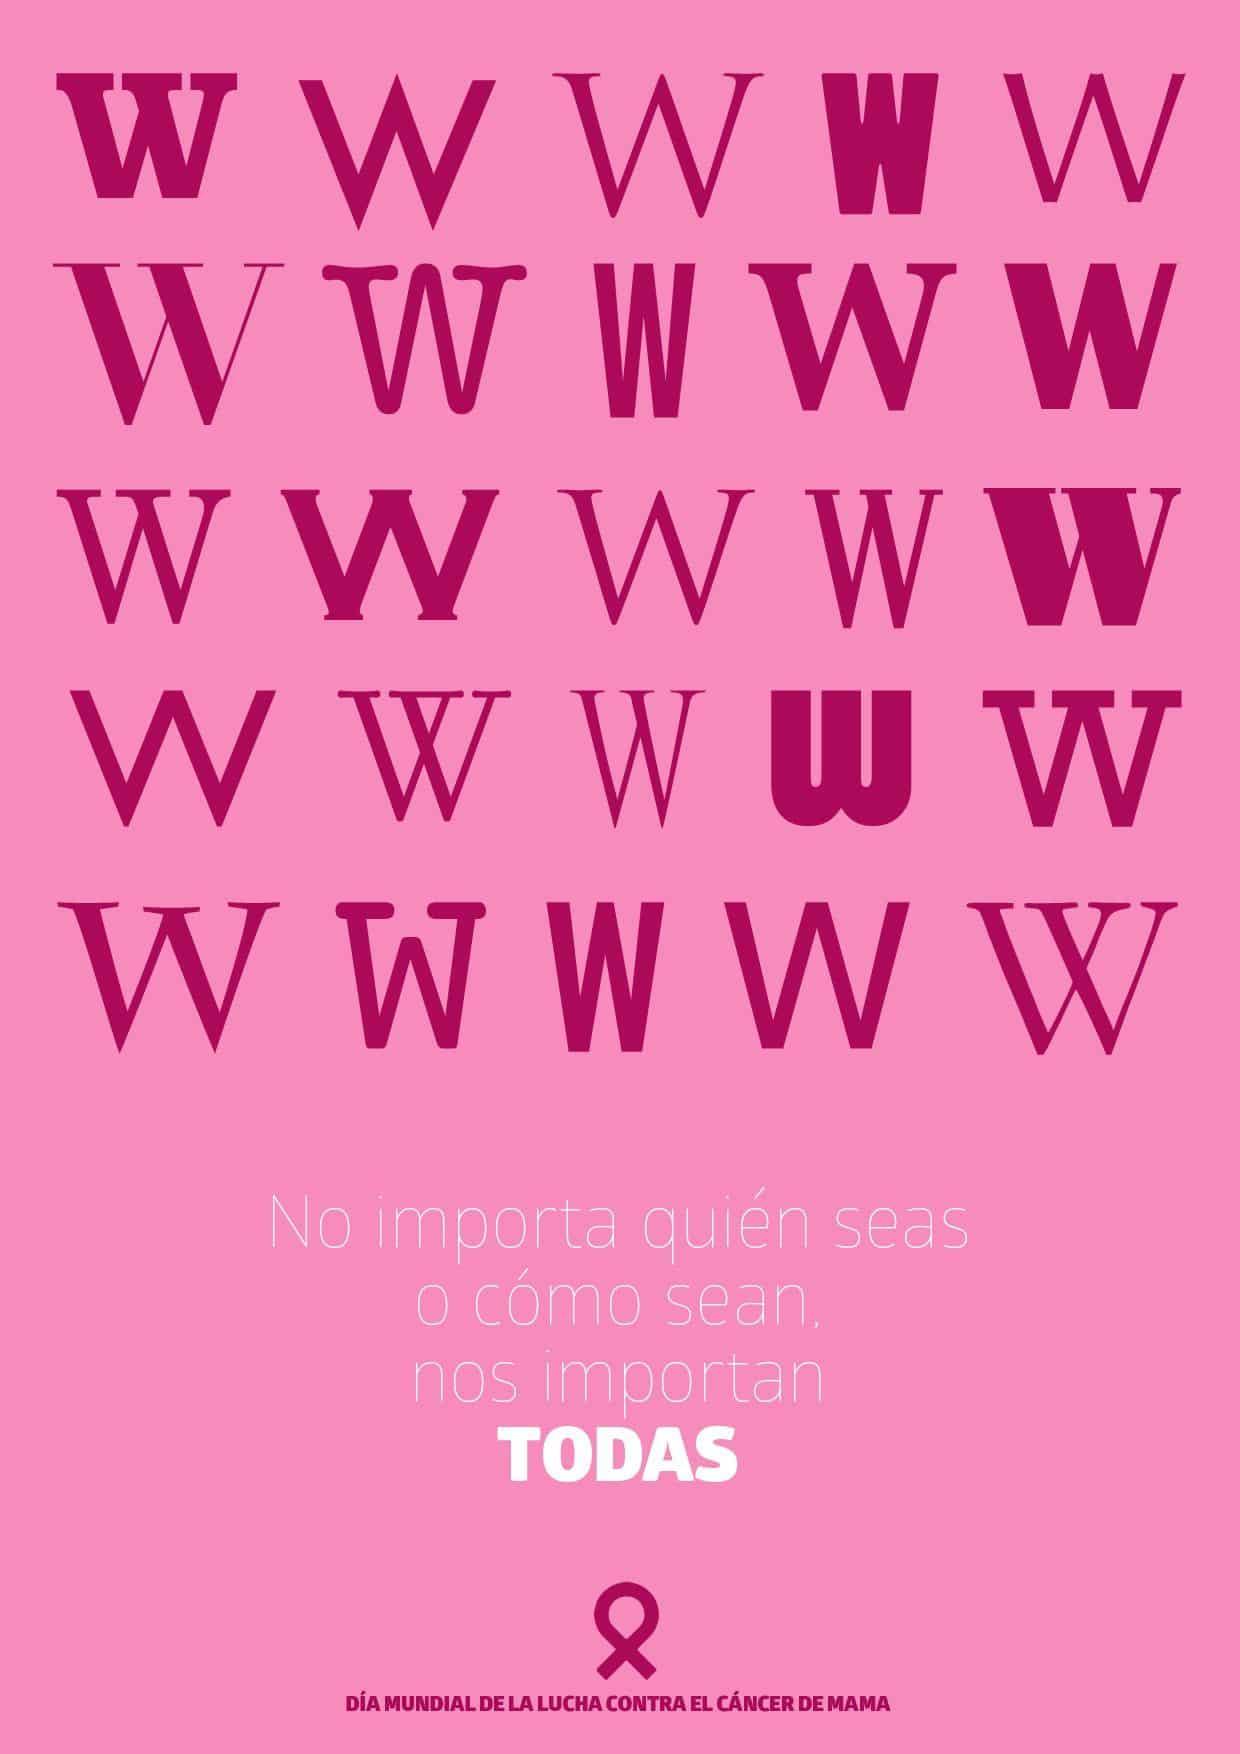 cáncer de mama tipografía